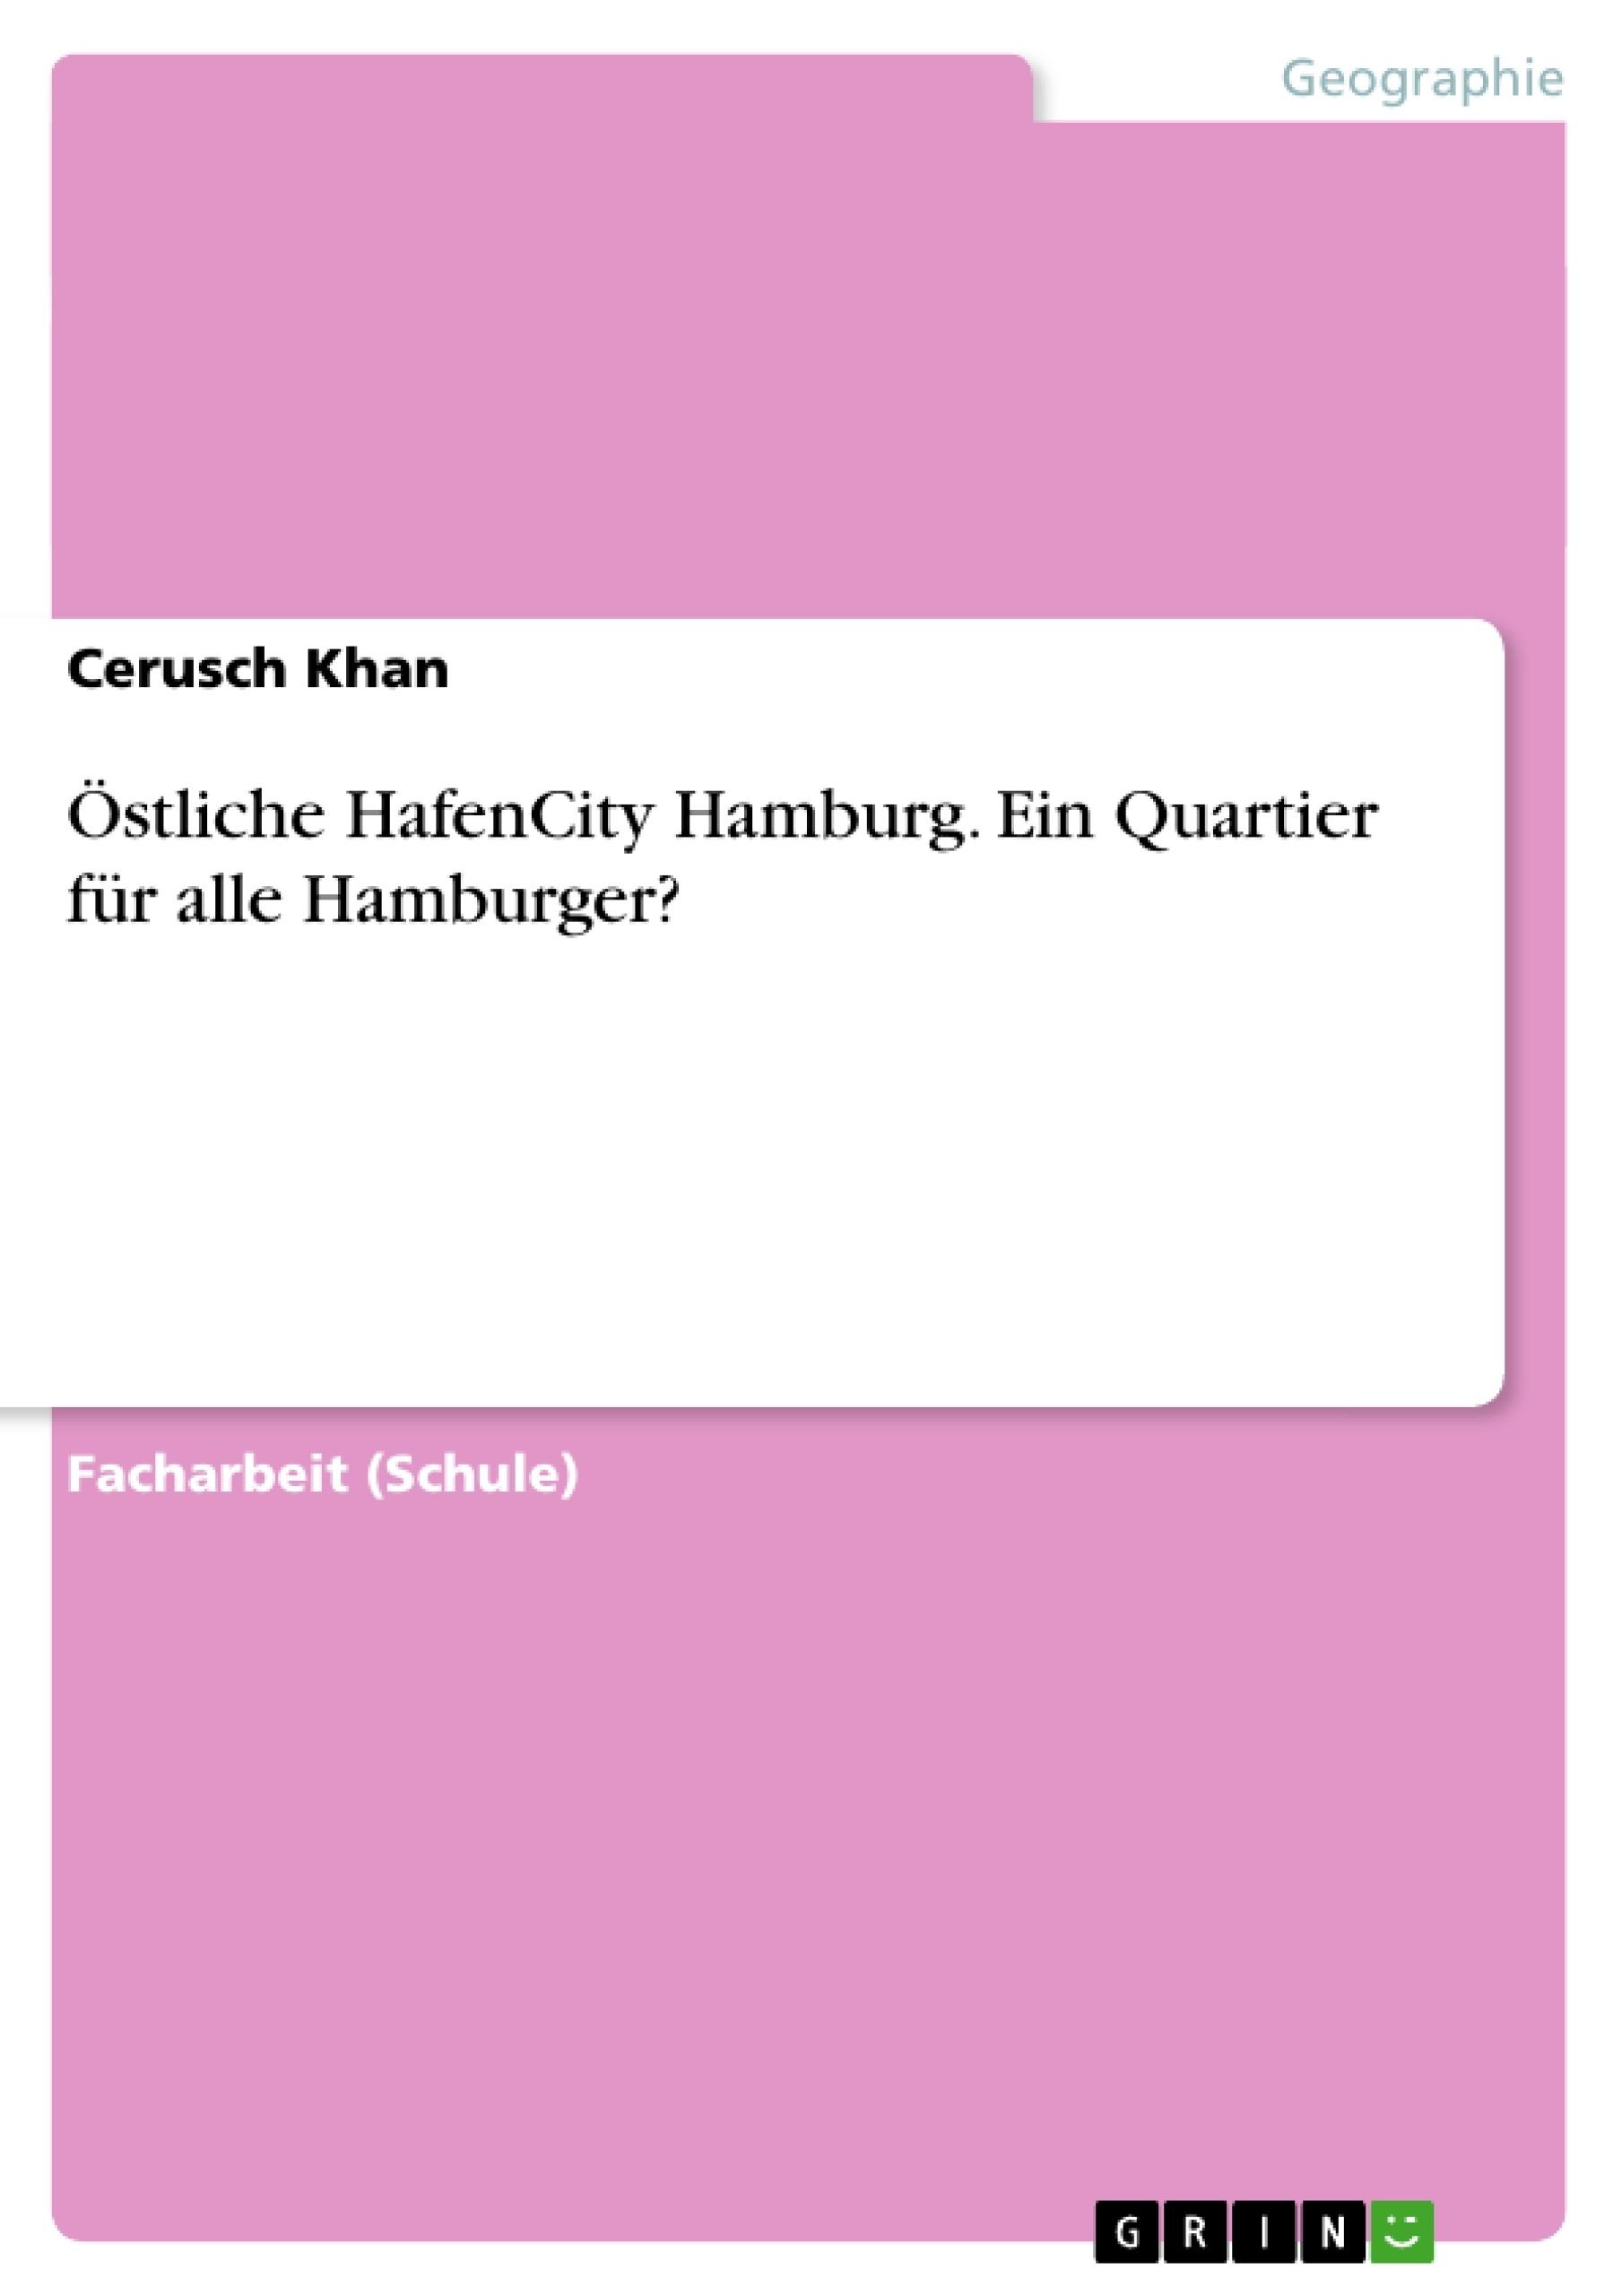 Titel: Östliche HafenCity Hamburg. Ein Quartier für alle Hamburger?